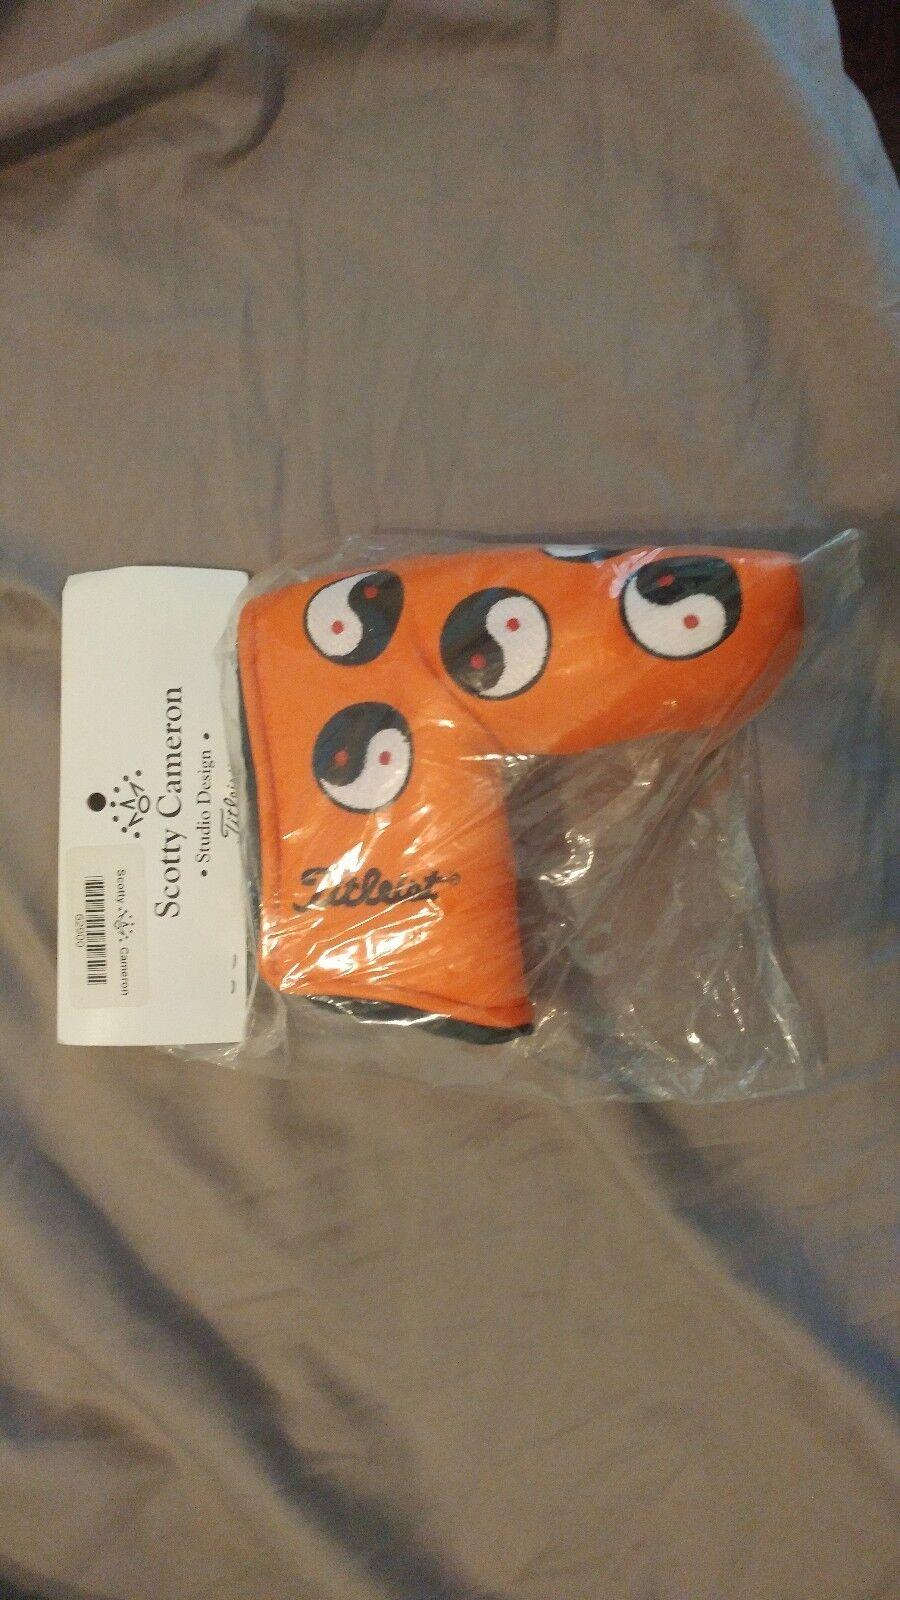 2005 Original Naranja Ying Yang Scotty Cameron Putter Cabeza Cubierta